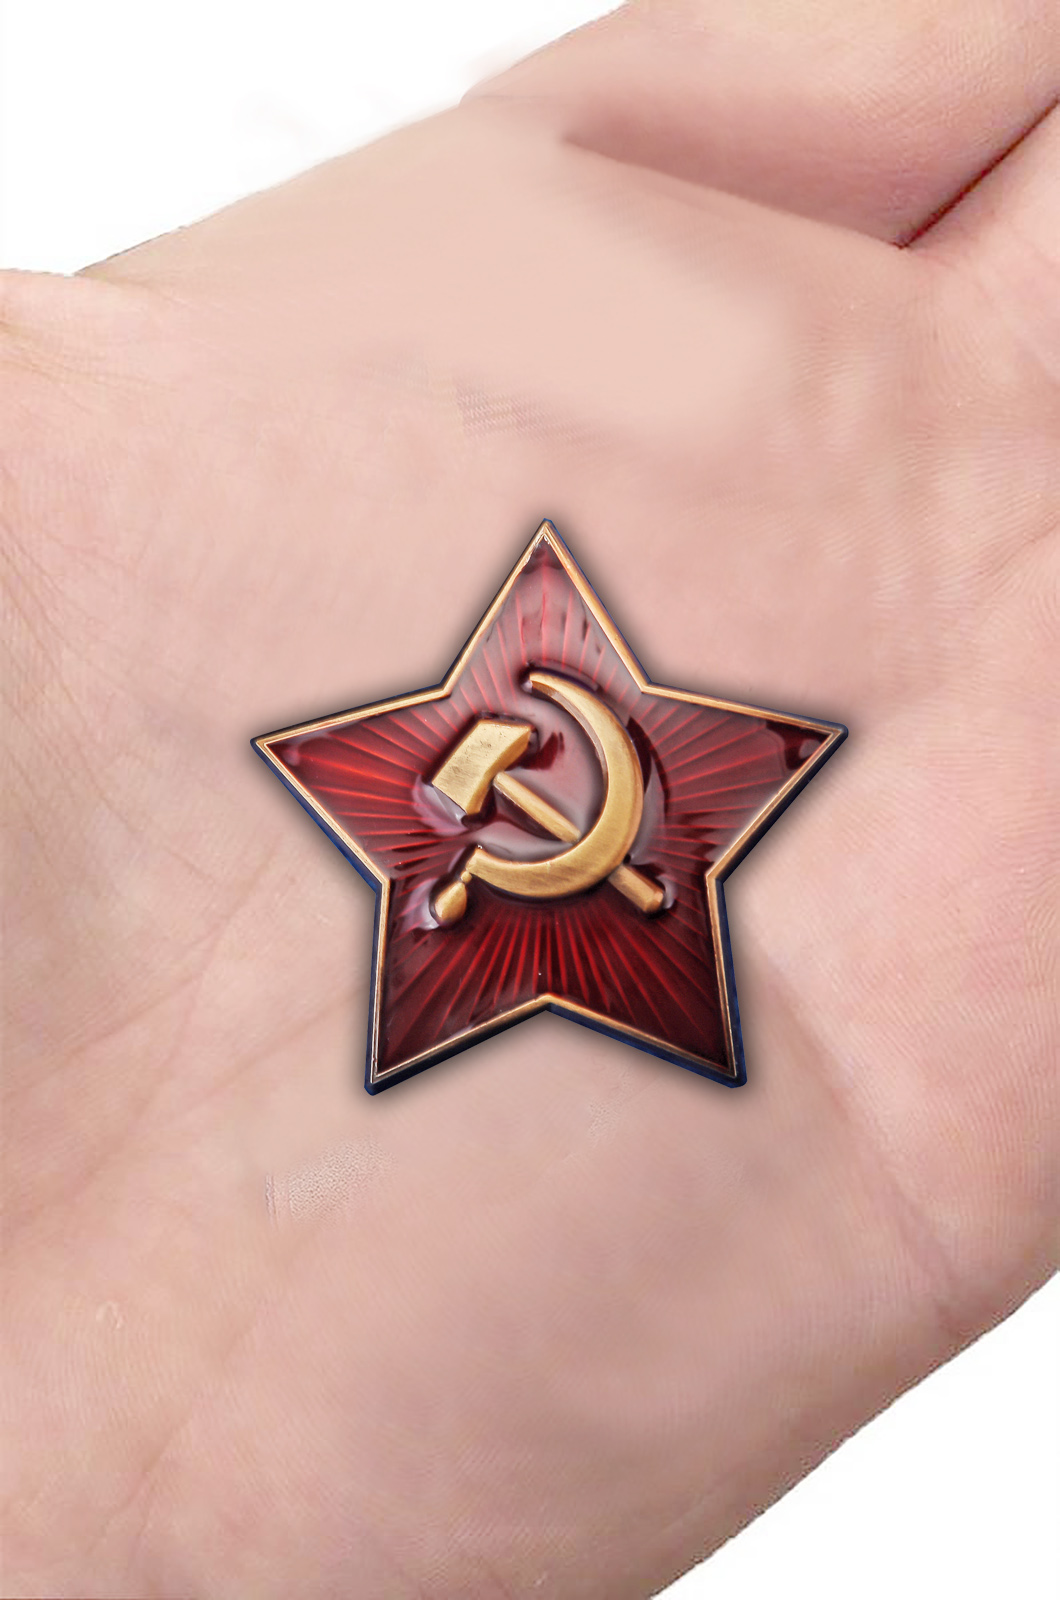 Латунная звезда кокарда РККА 1922 г. - вид на ладони